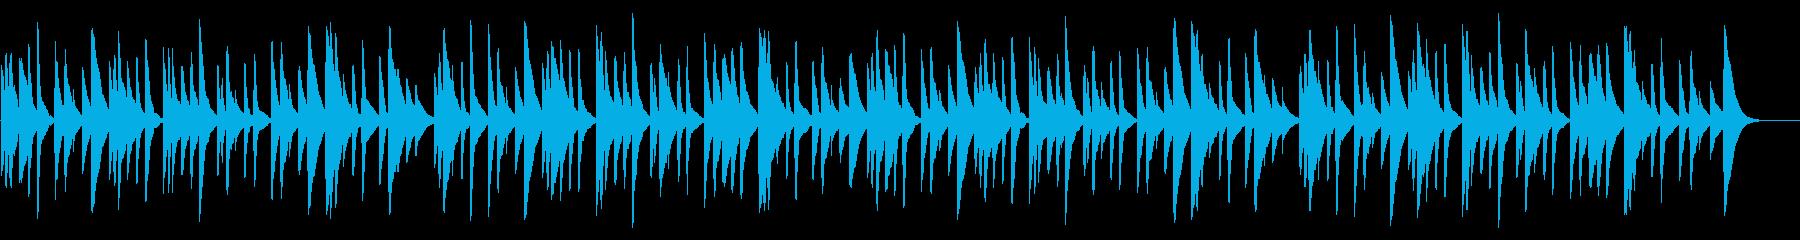 アメイジング・グレイス 18弁オルゴールの再生済みの波形